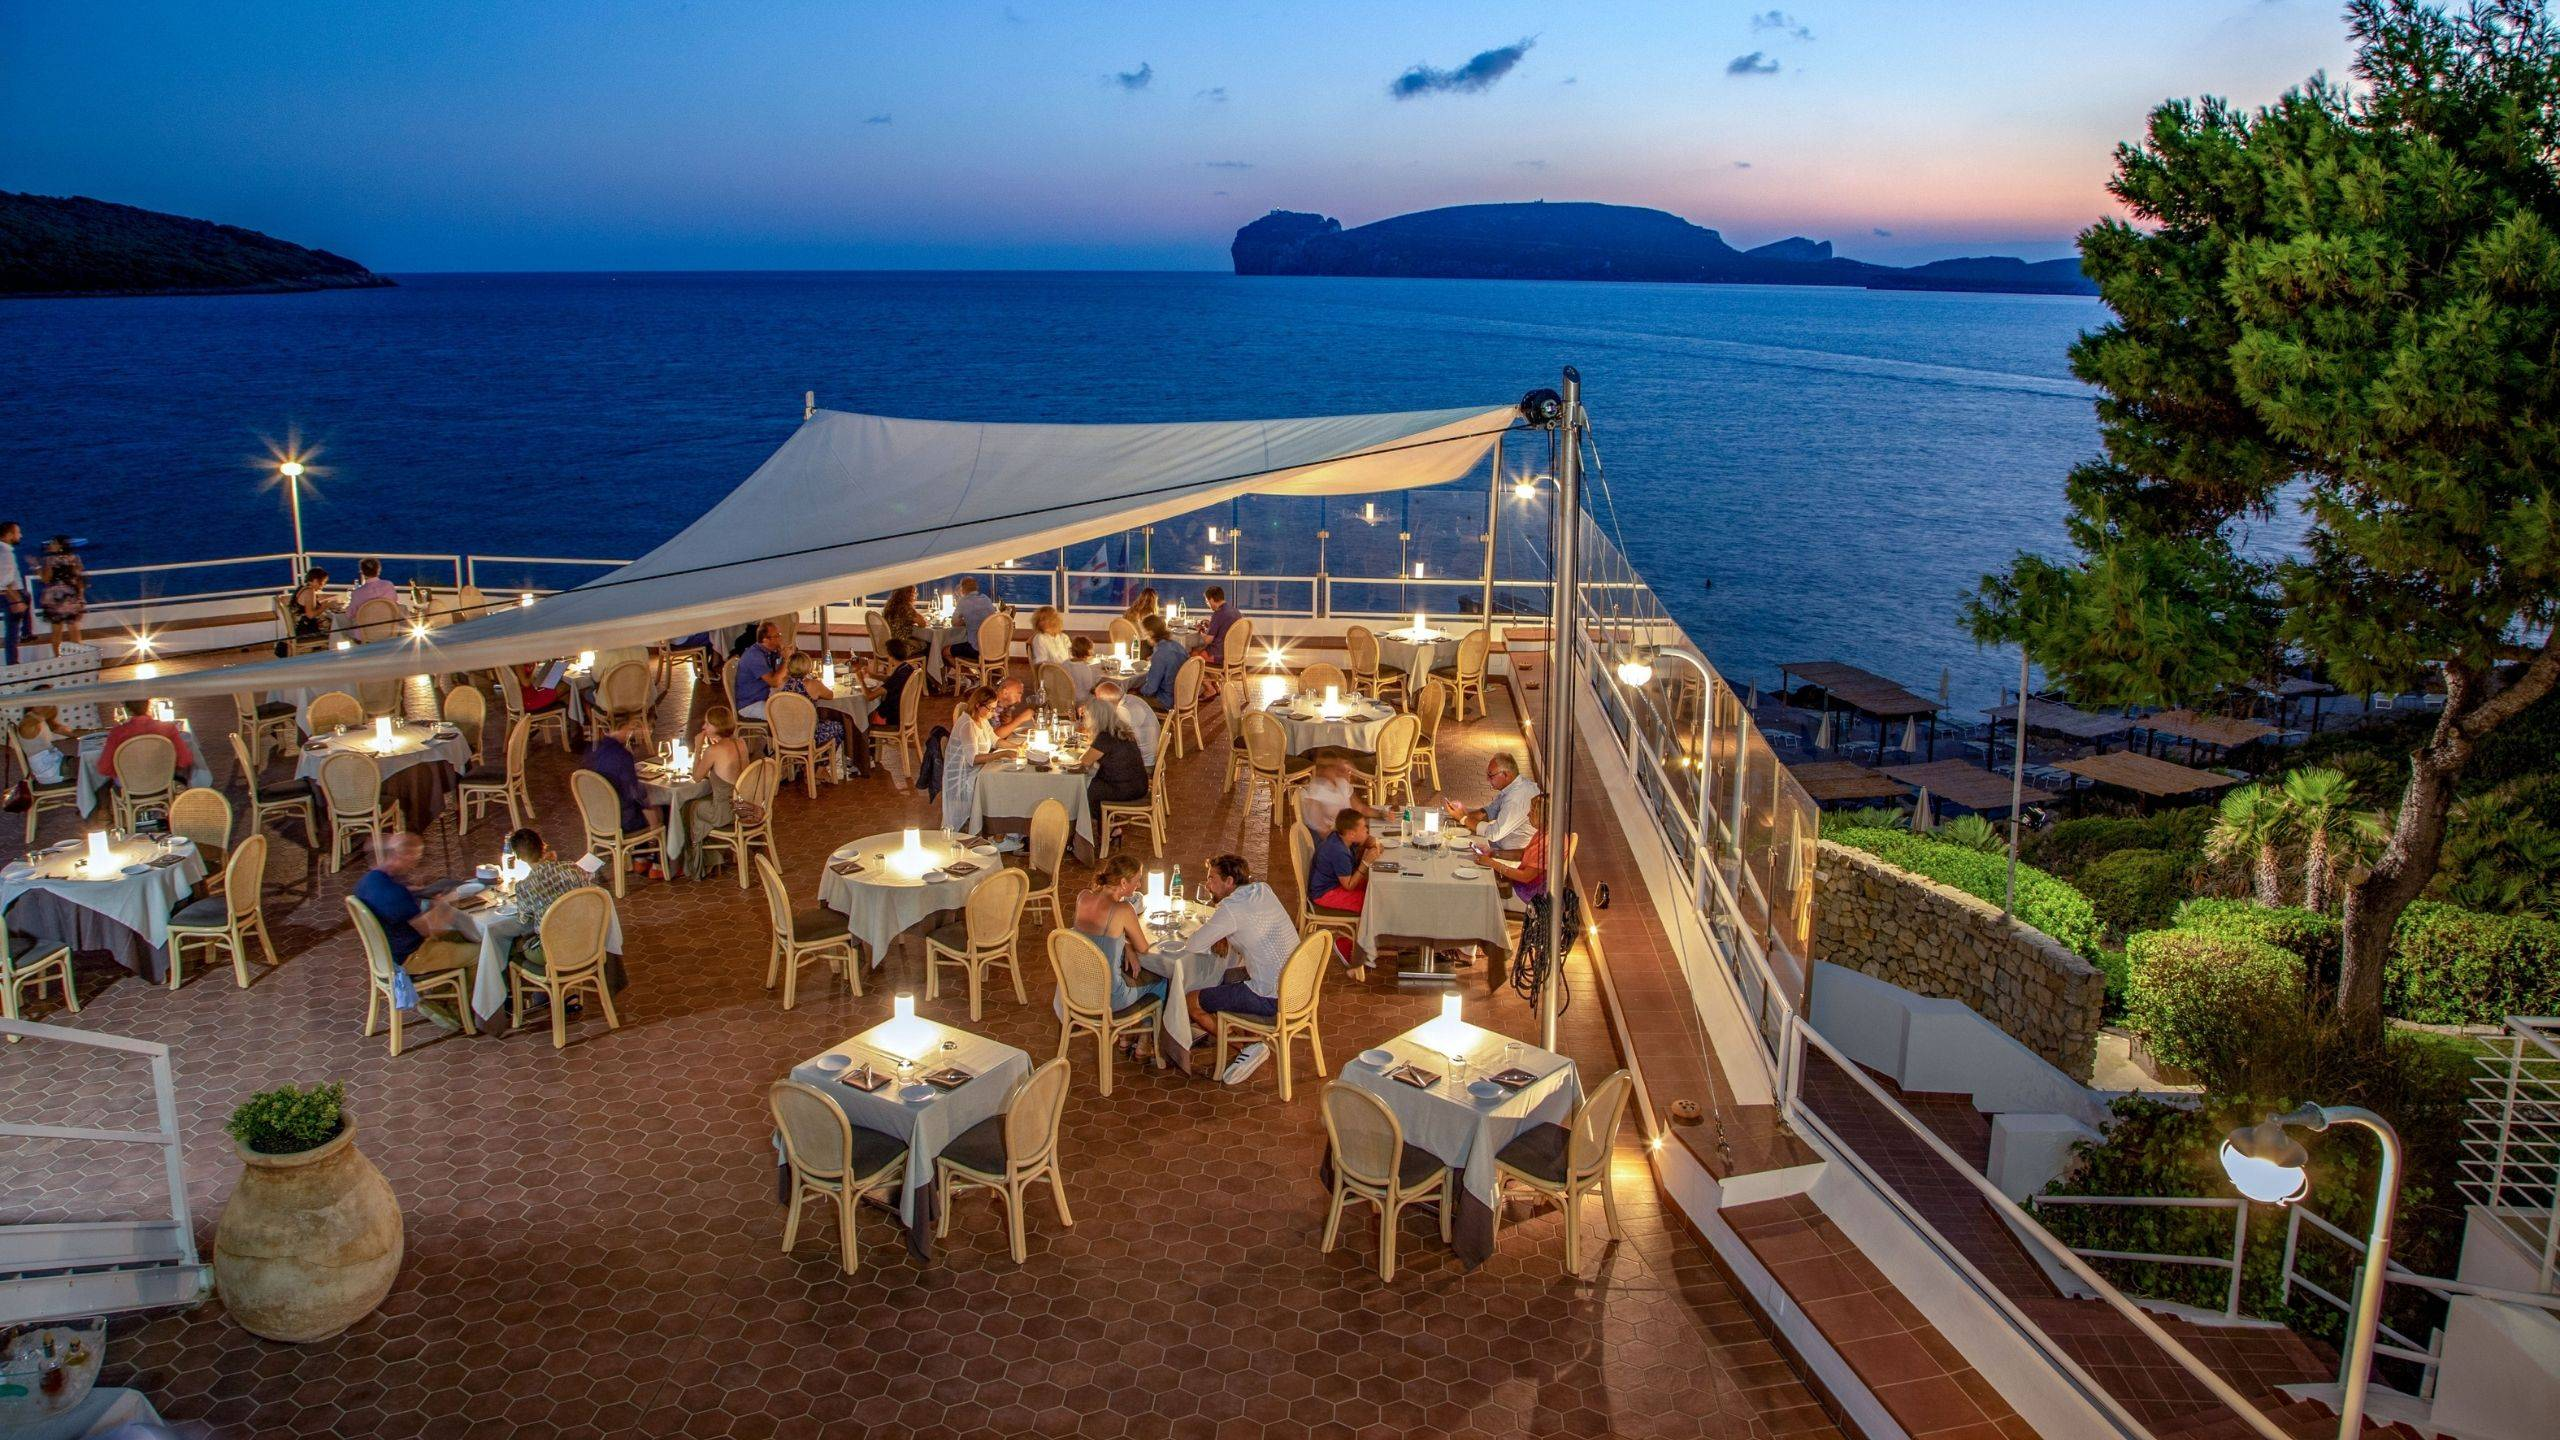 Hotel-El-Faro-Alghero-Matrimoni-e-Eventi-2021-tavoli-mari